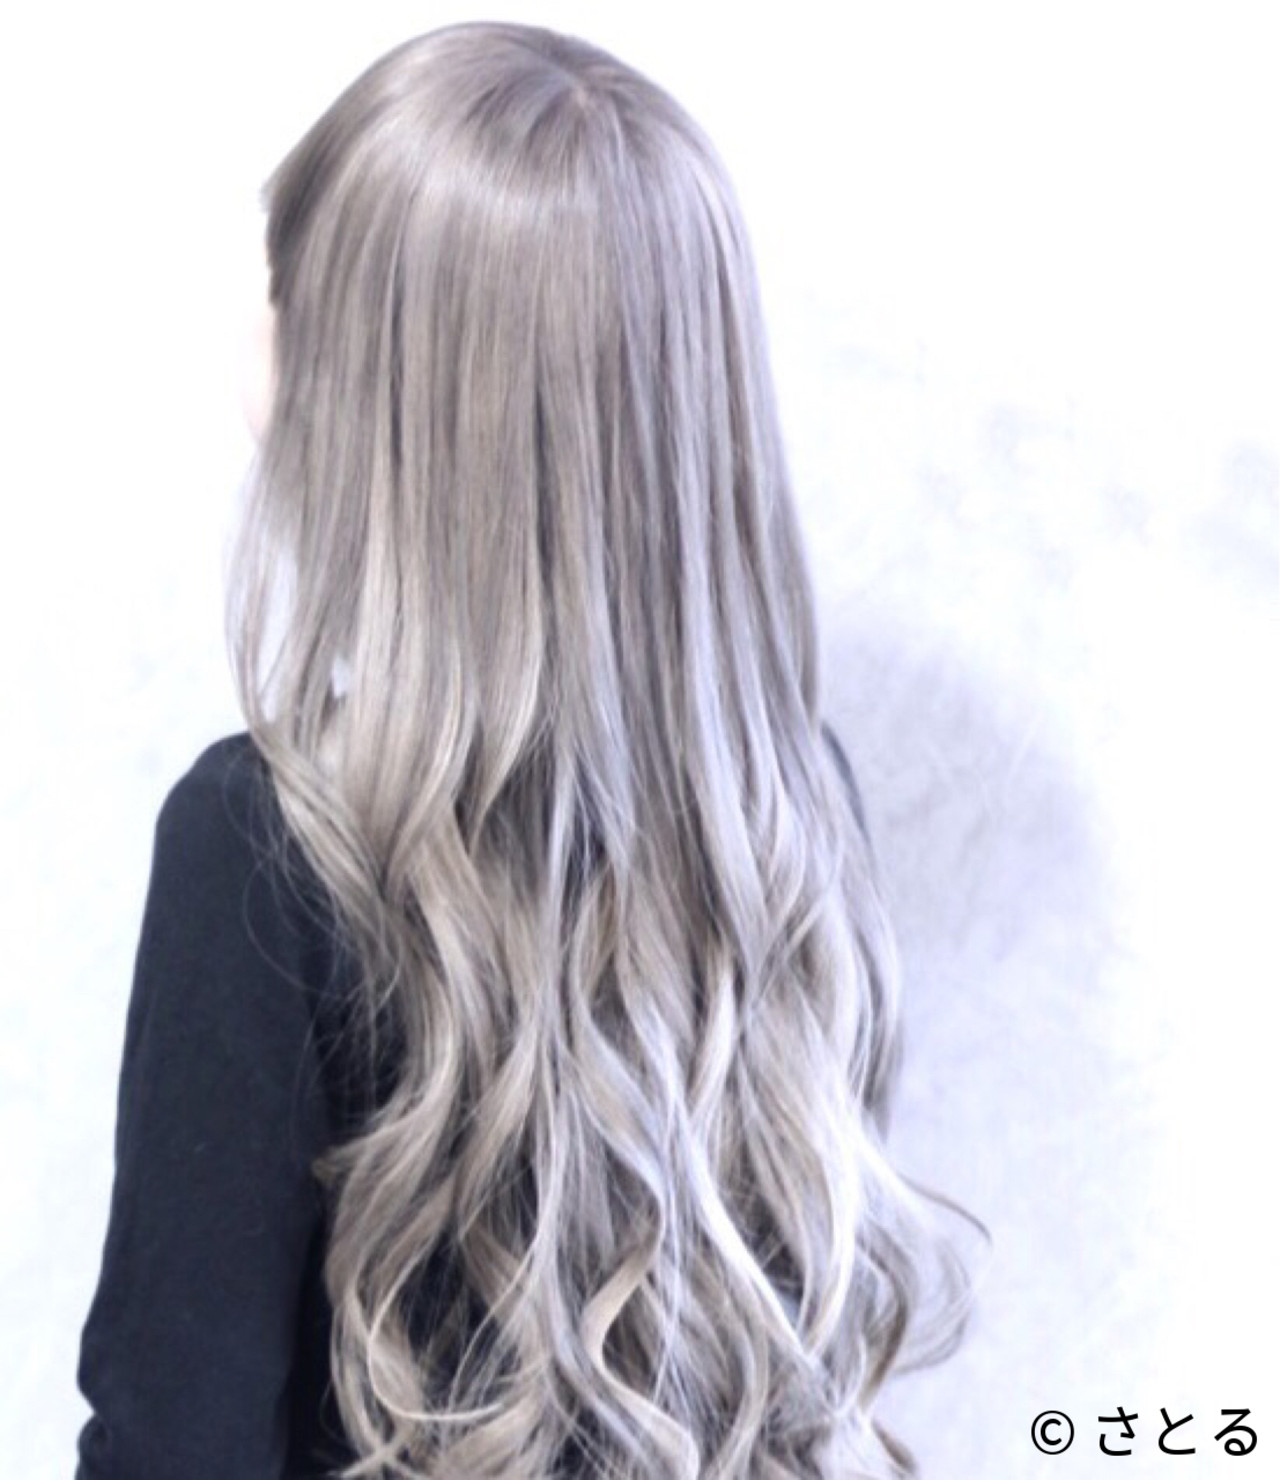 エレガント ハイトーン 上品 ロング ヘアスタイルや髪型の写真・画像 | イチマル サトル / Oz  Umeda